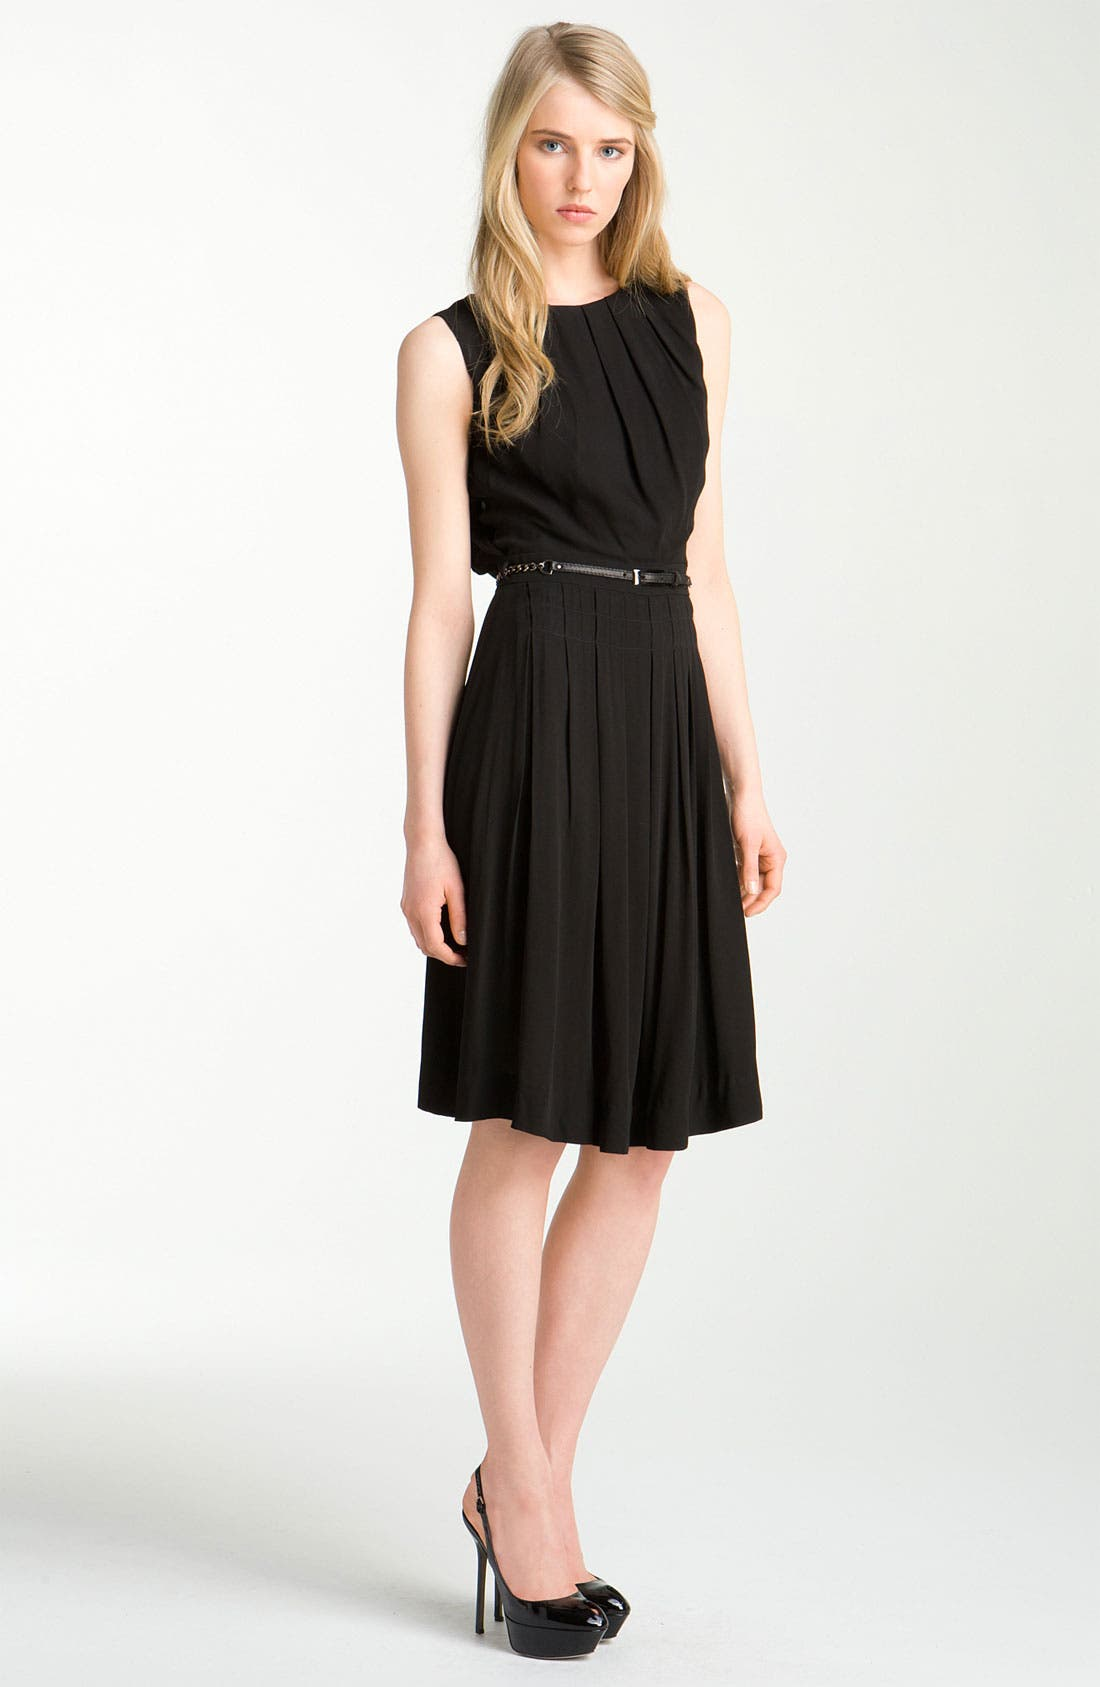 Alternate Image 1 Selected - L'AGENCE Belted Crepe Dress